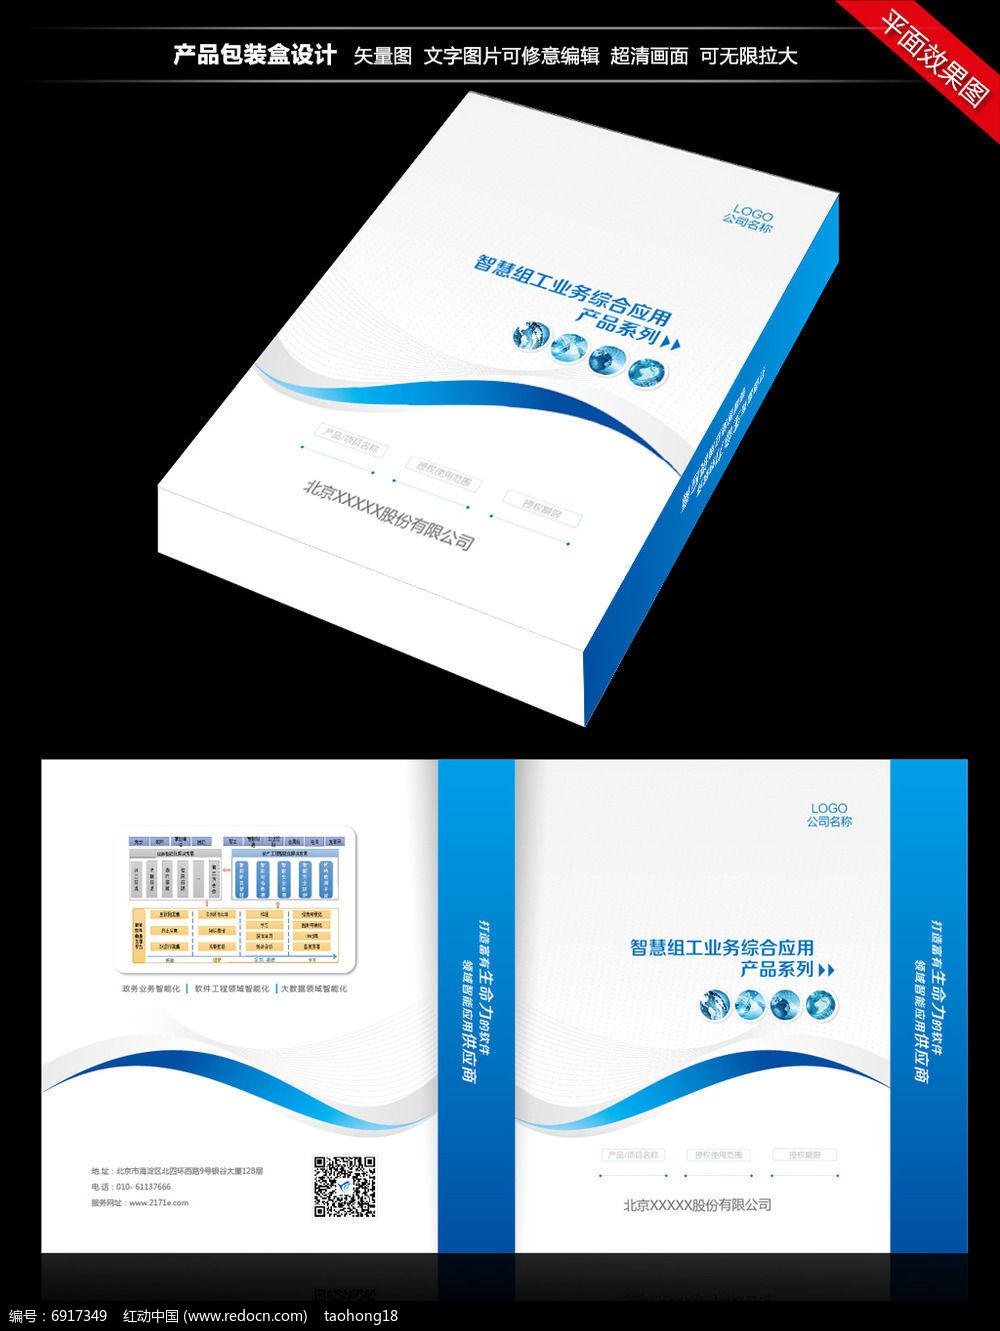 科技软件产品包装盒设计图片